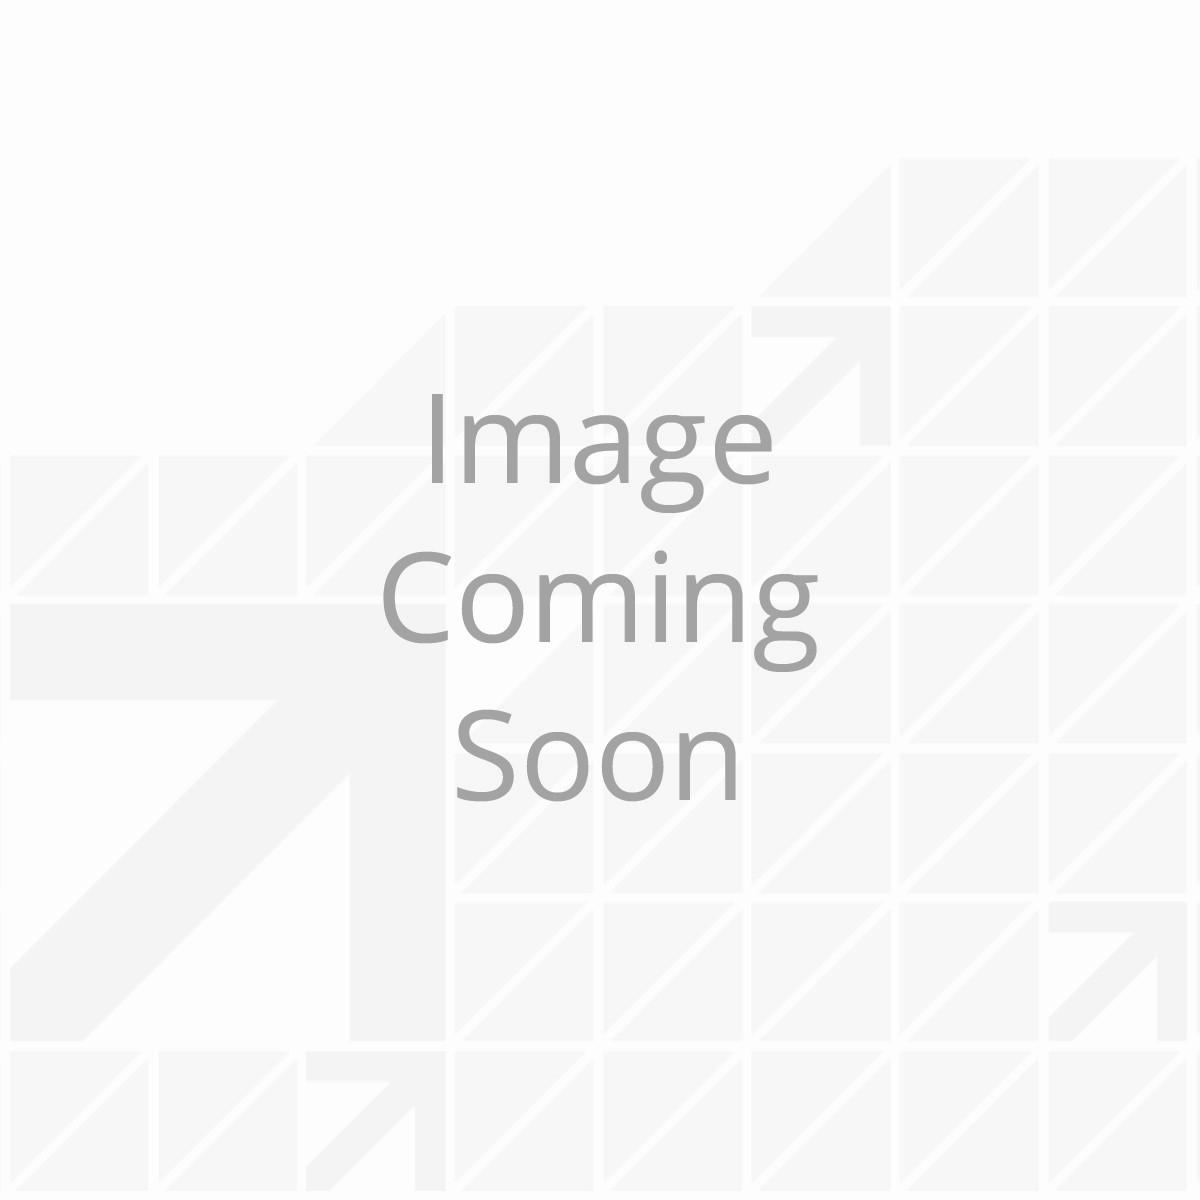 241314_Sensor-Harness_001